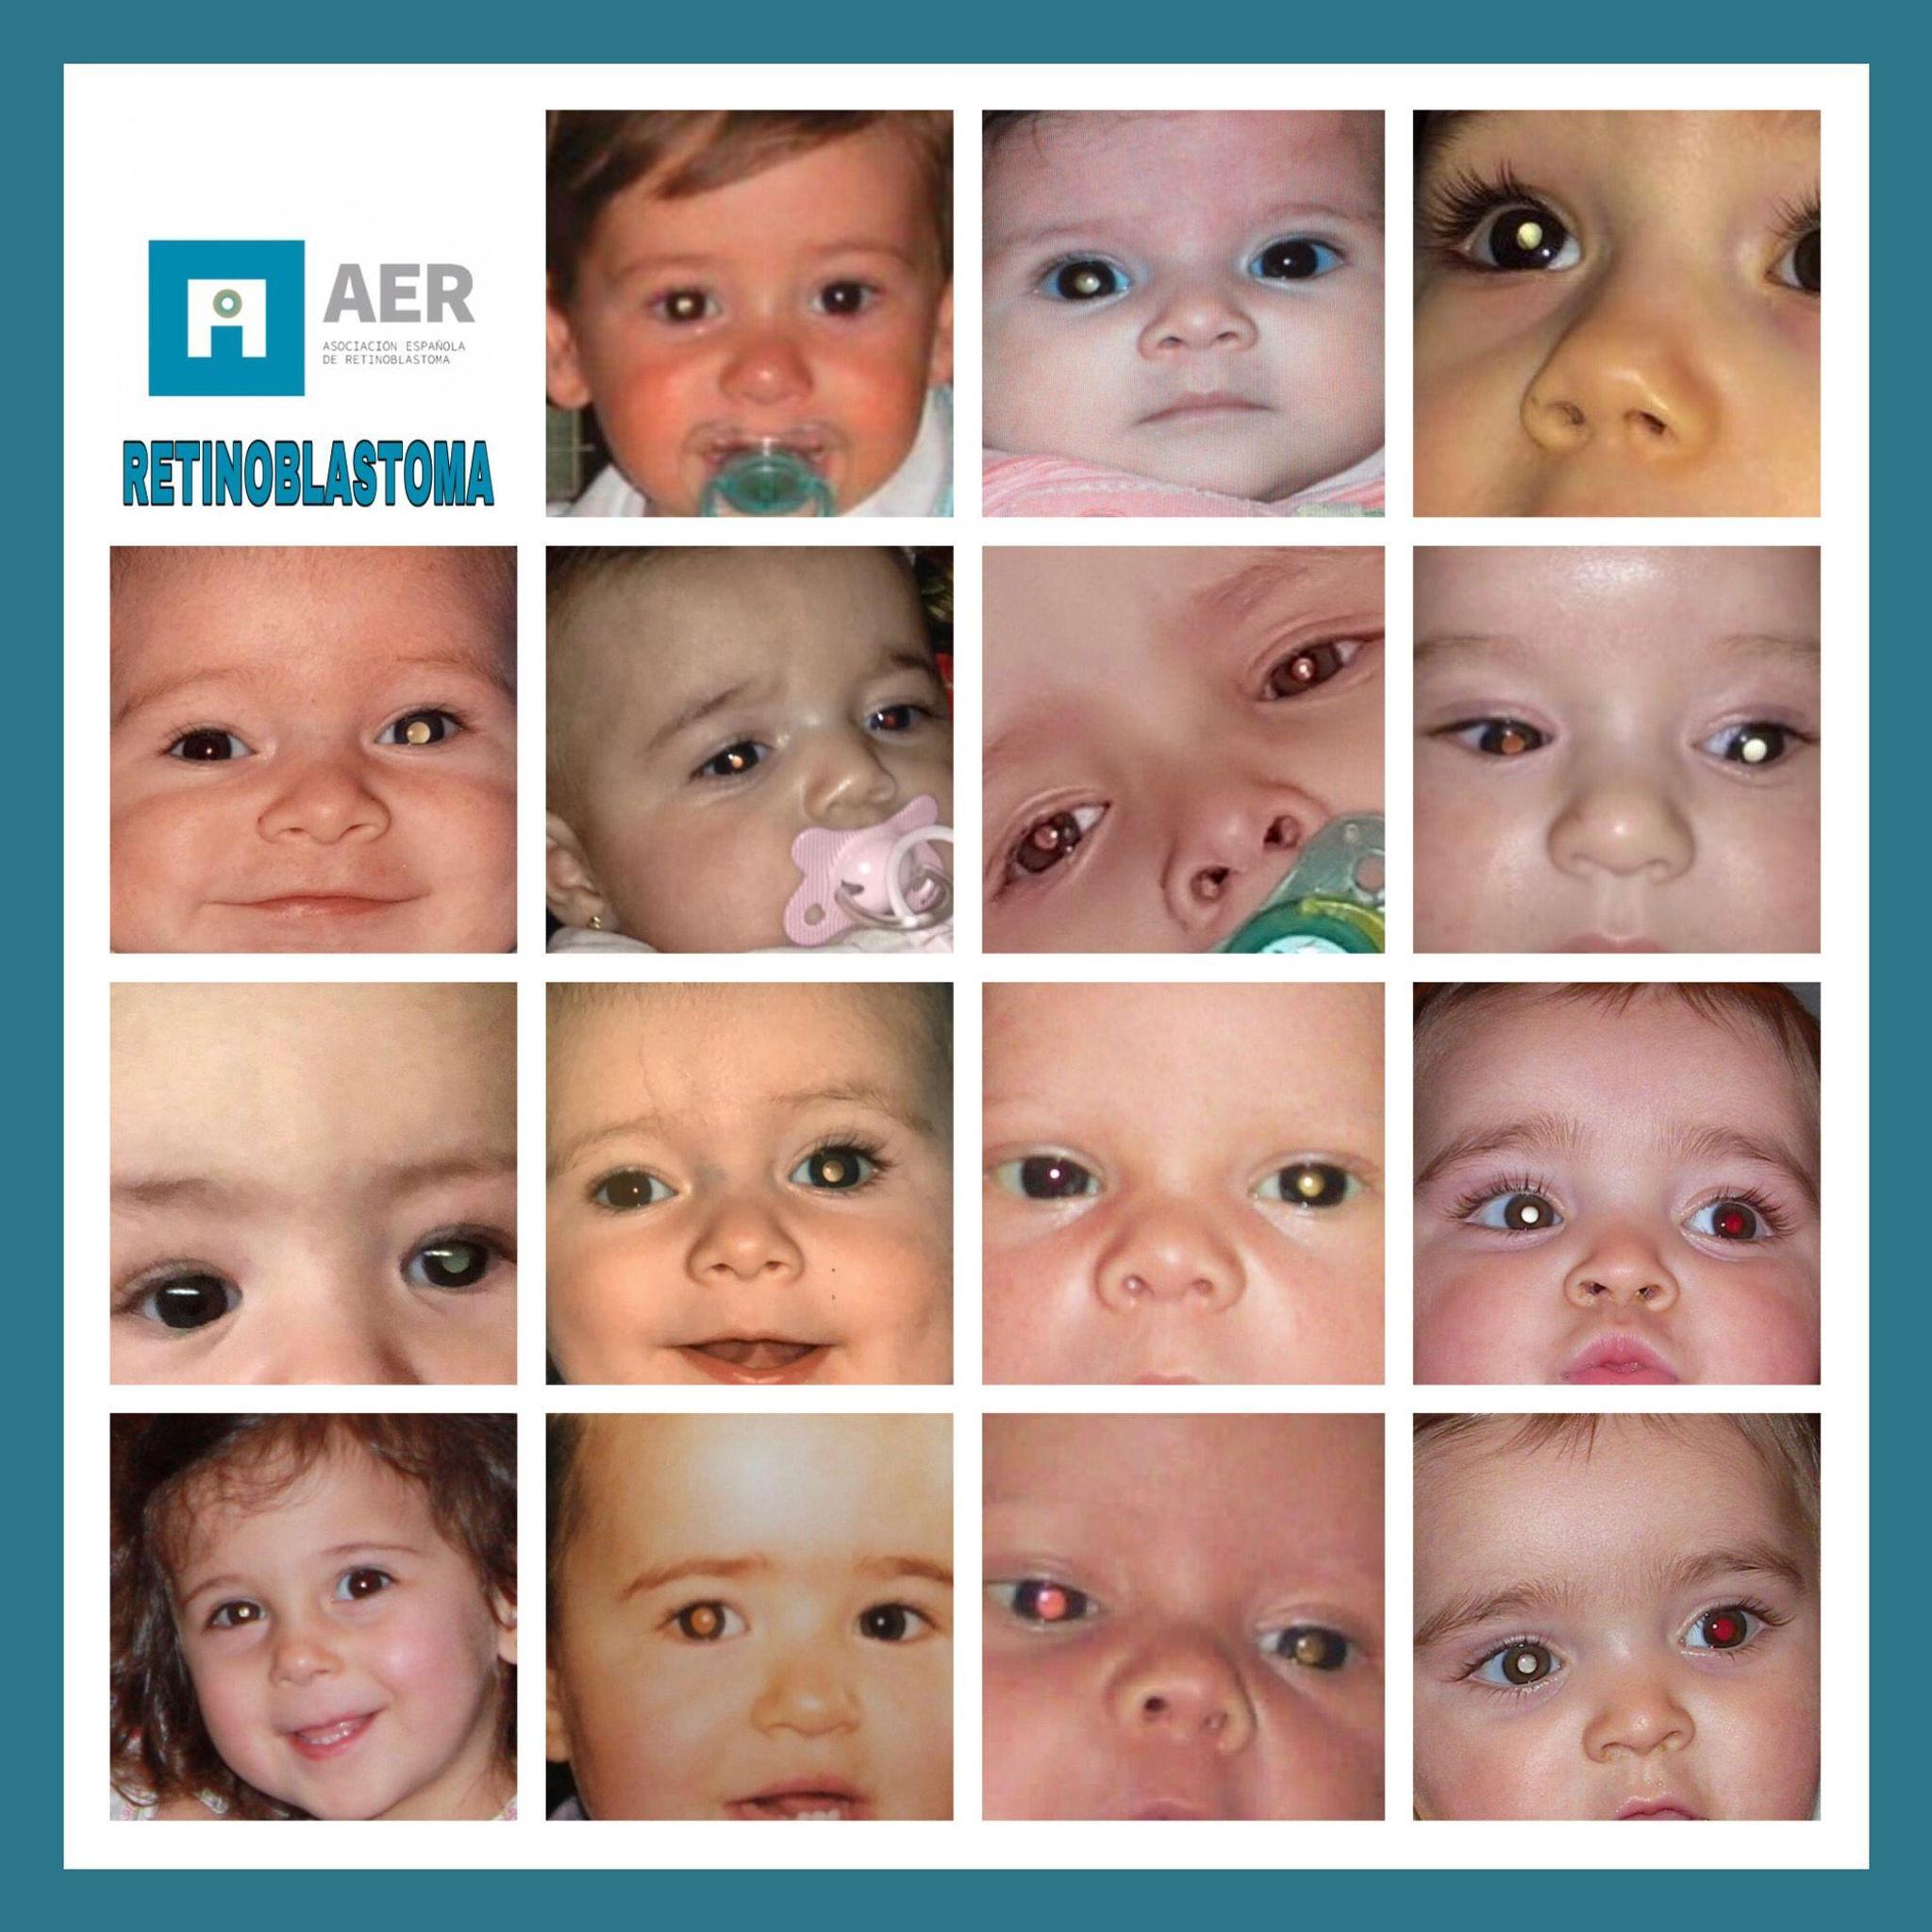 Our fight against Retinoblastoma